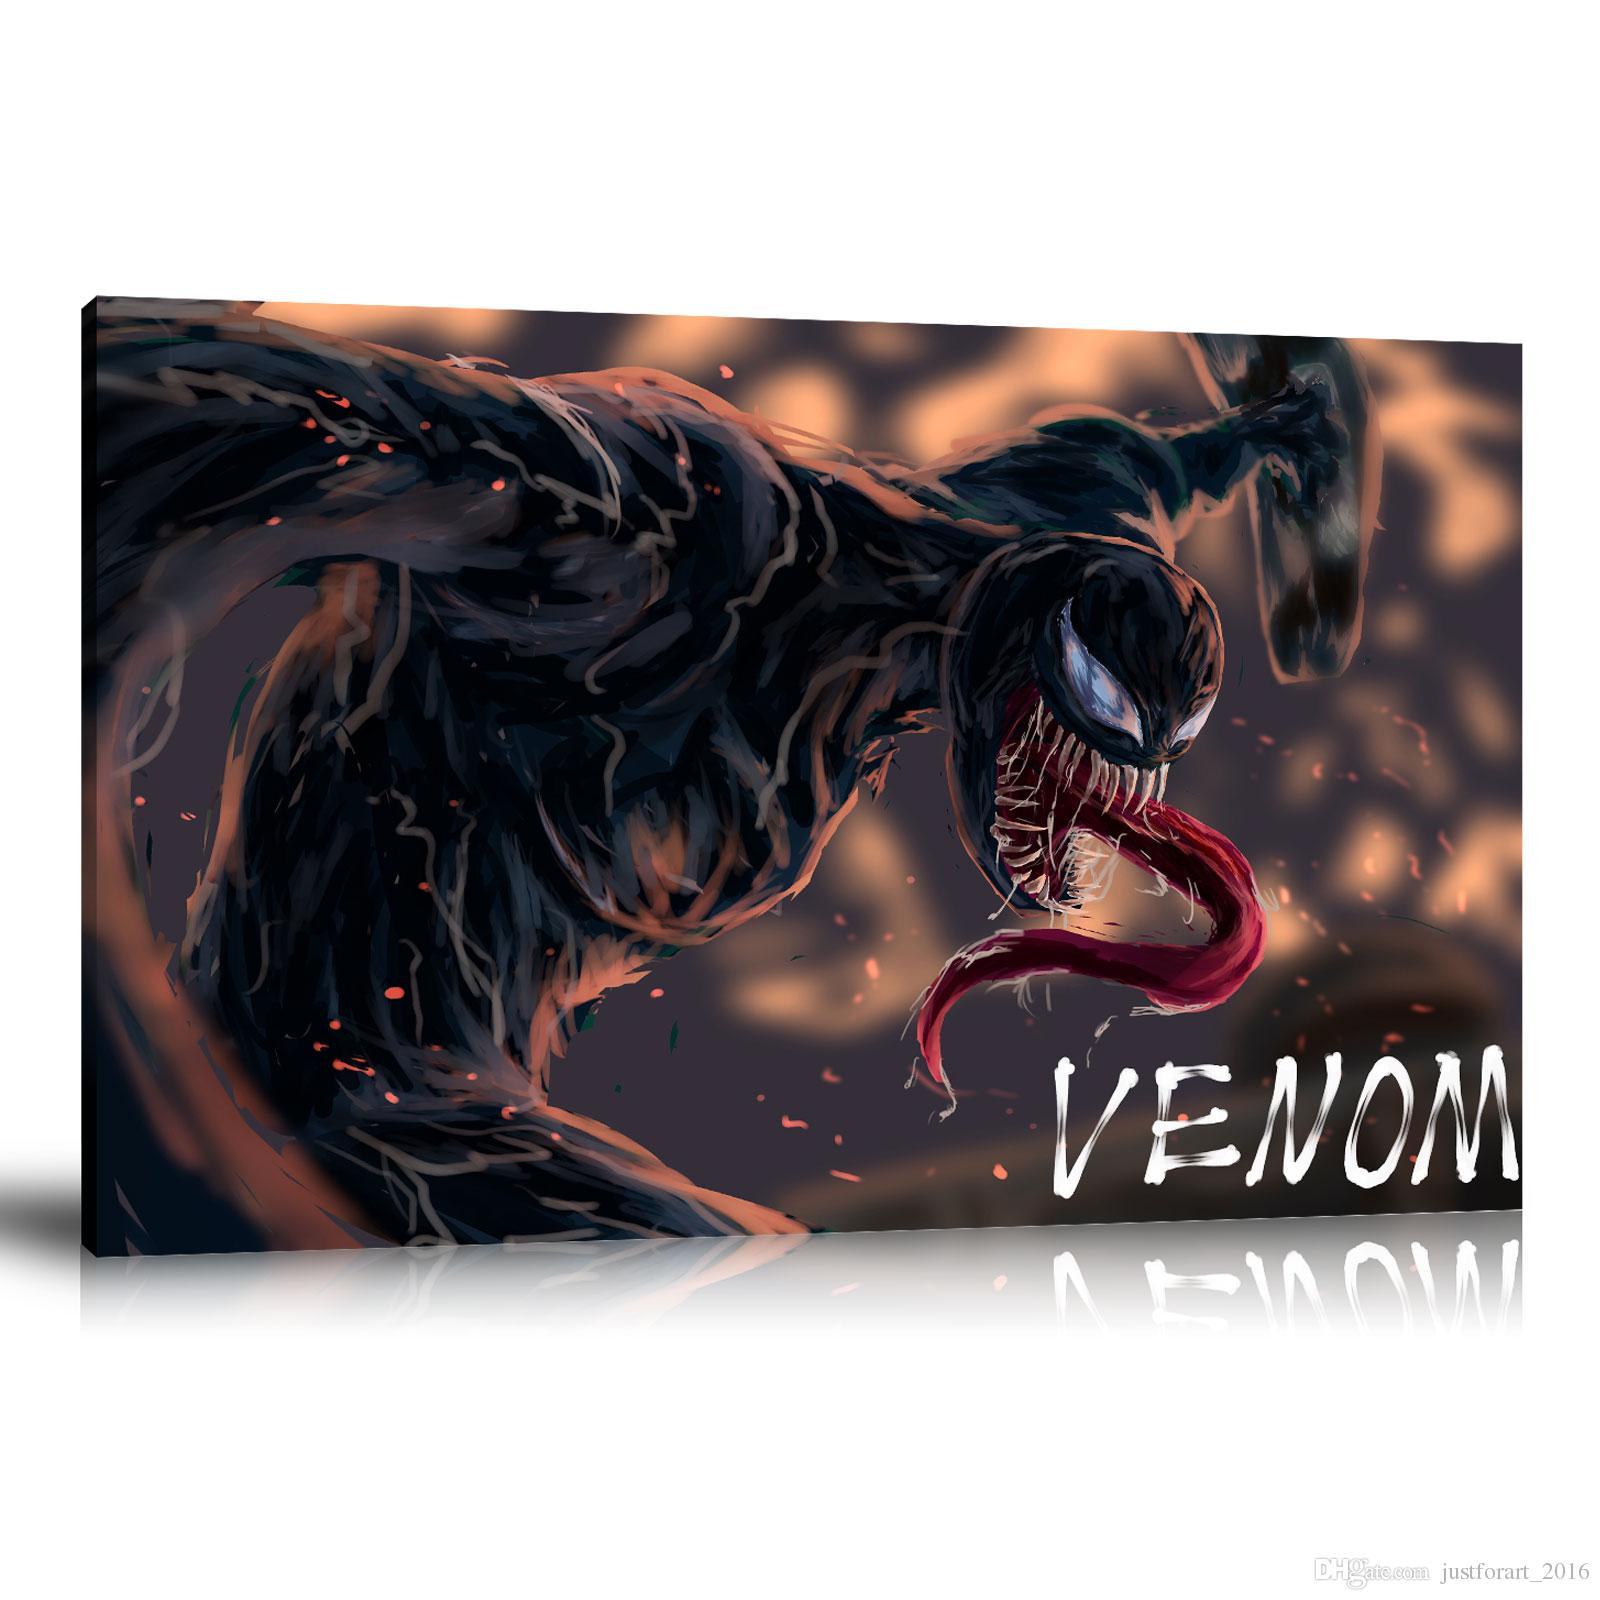 HD Impresso Cartazes Filme Pintura A Óleo de Decoração Para Casa Arte Da Parede em Tela Venom # 57 24x36 polegada Sem Moldura